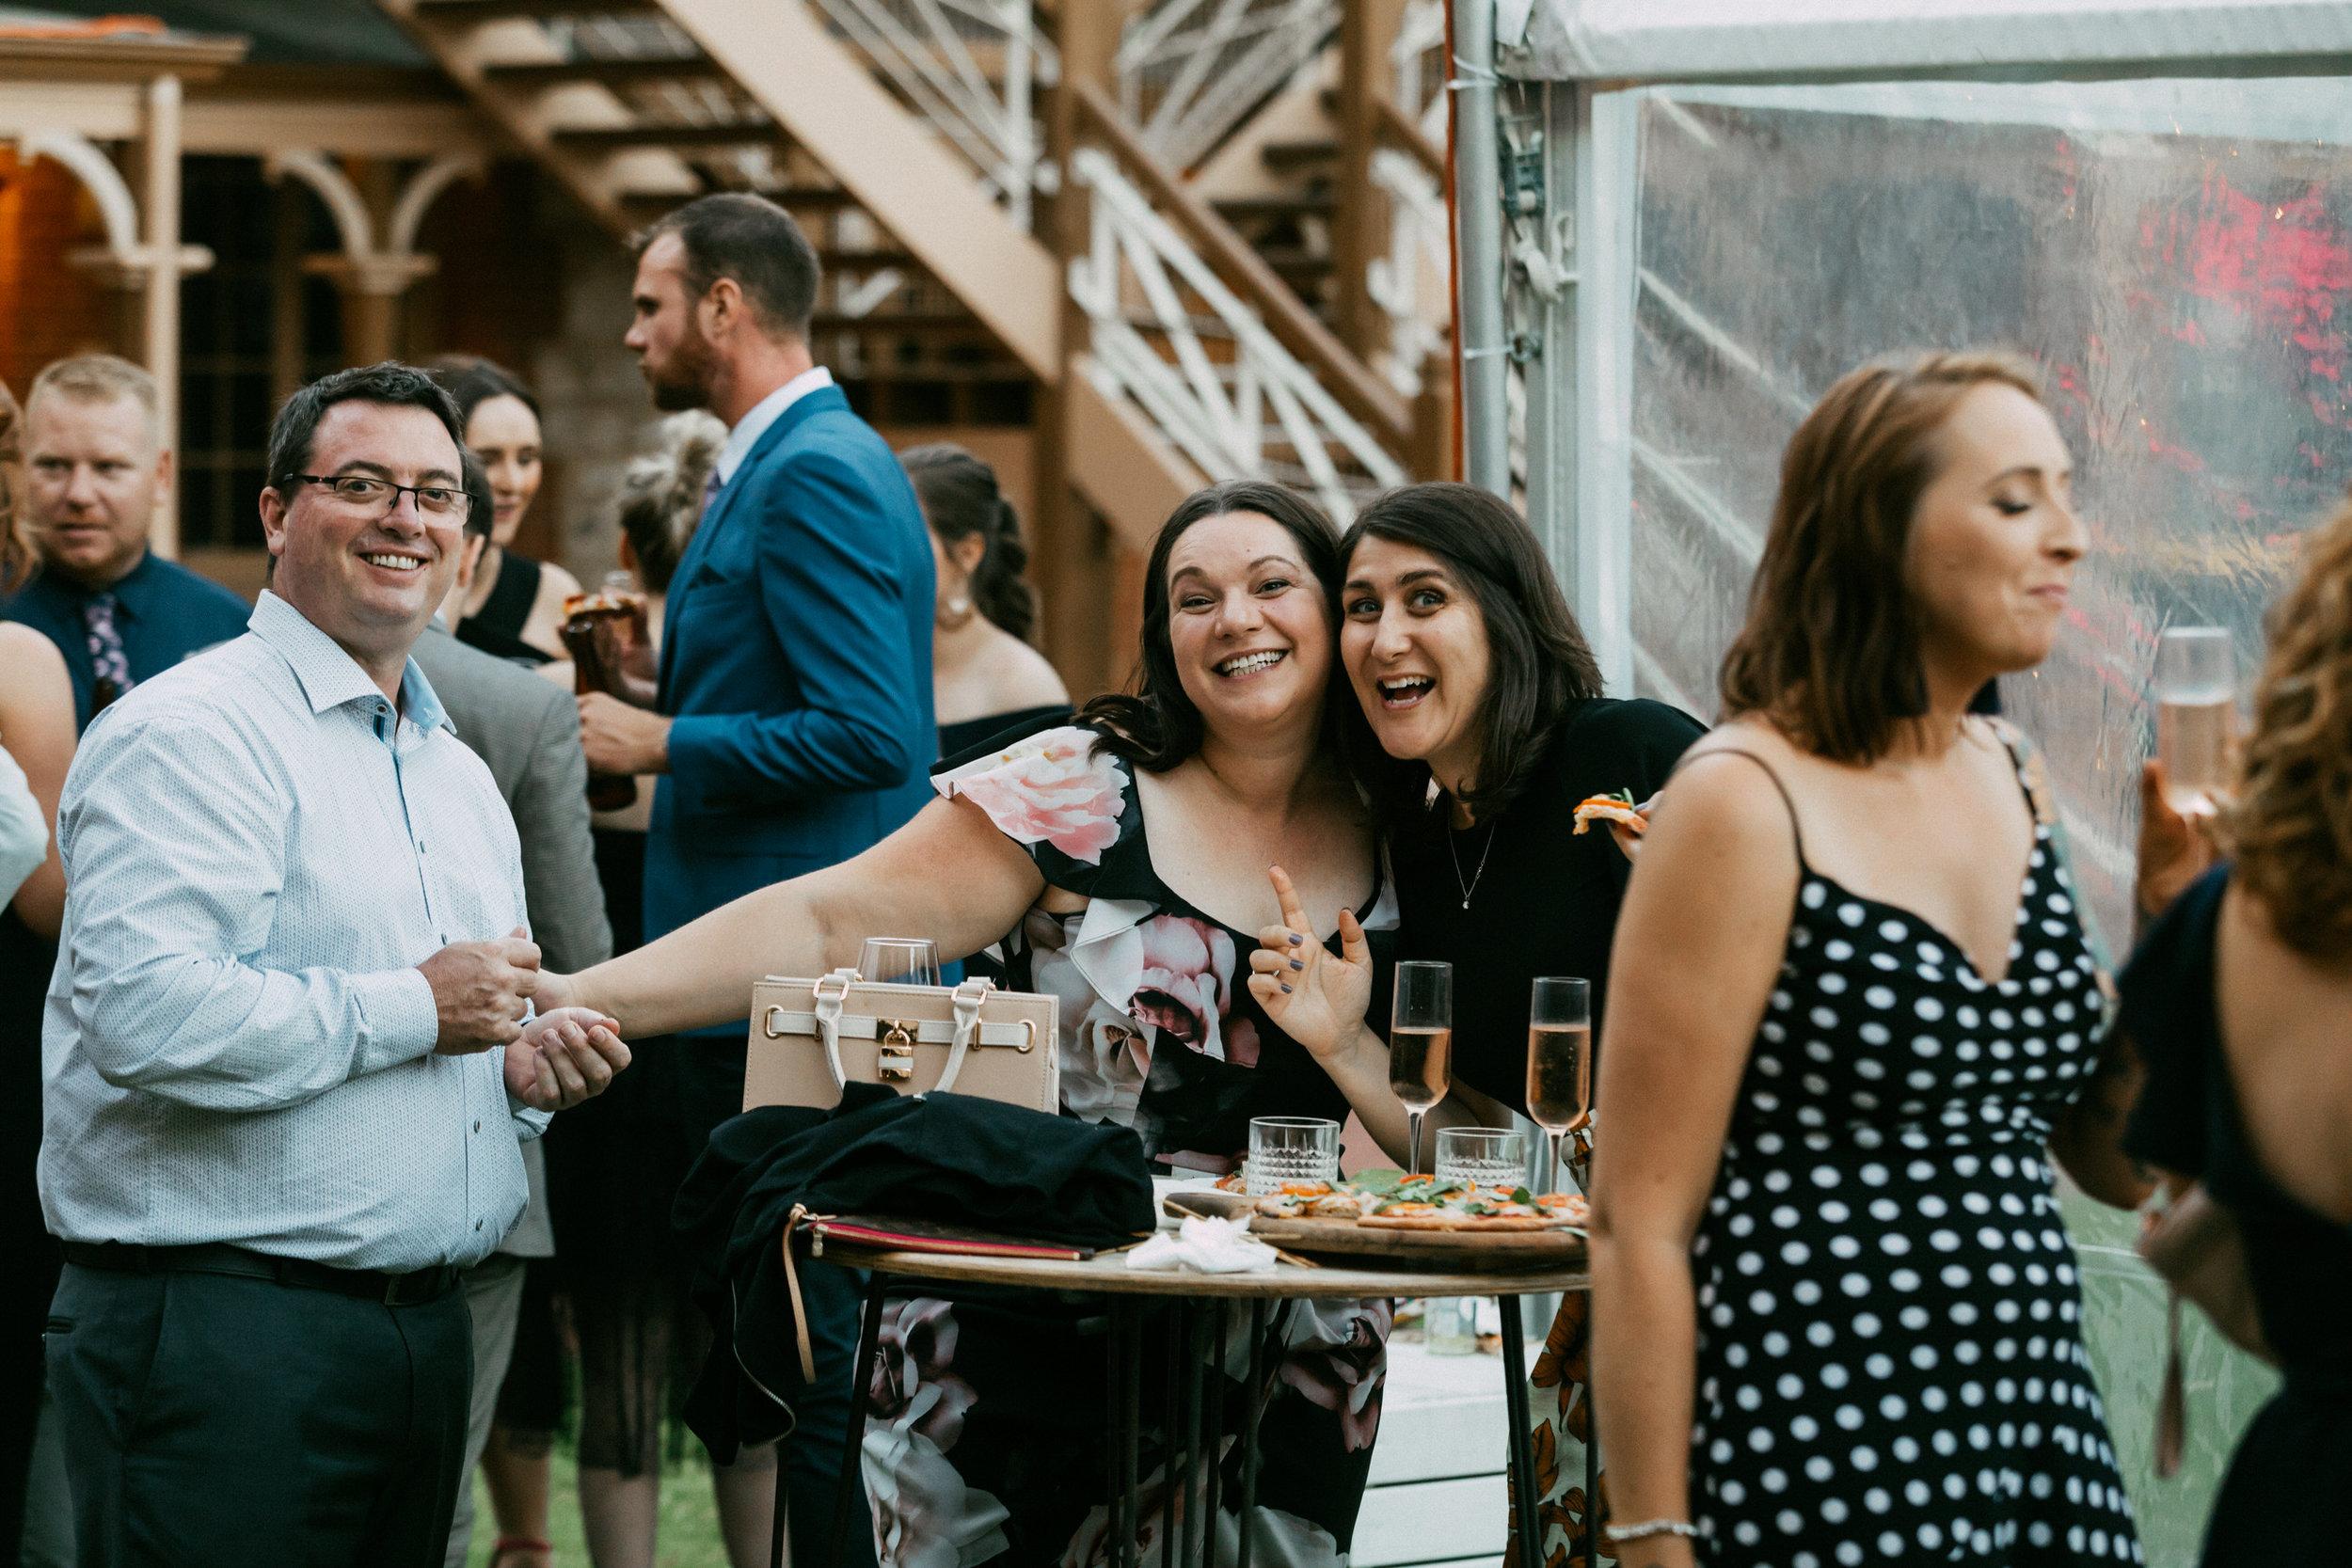 Adelaide City Fringe Garden Unearthly Delight Wedding 101.jpg